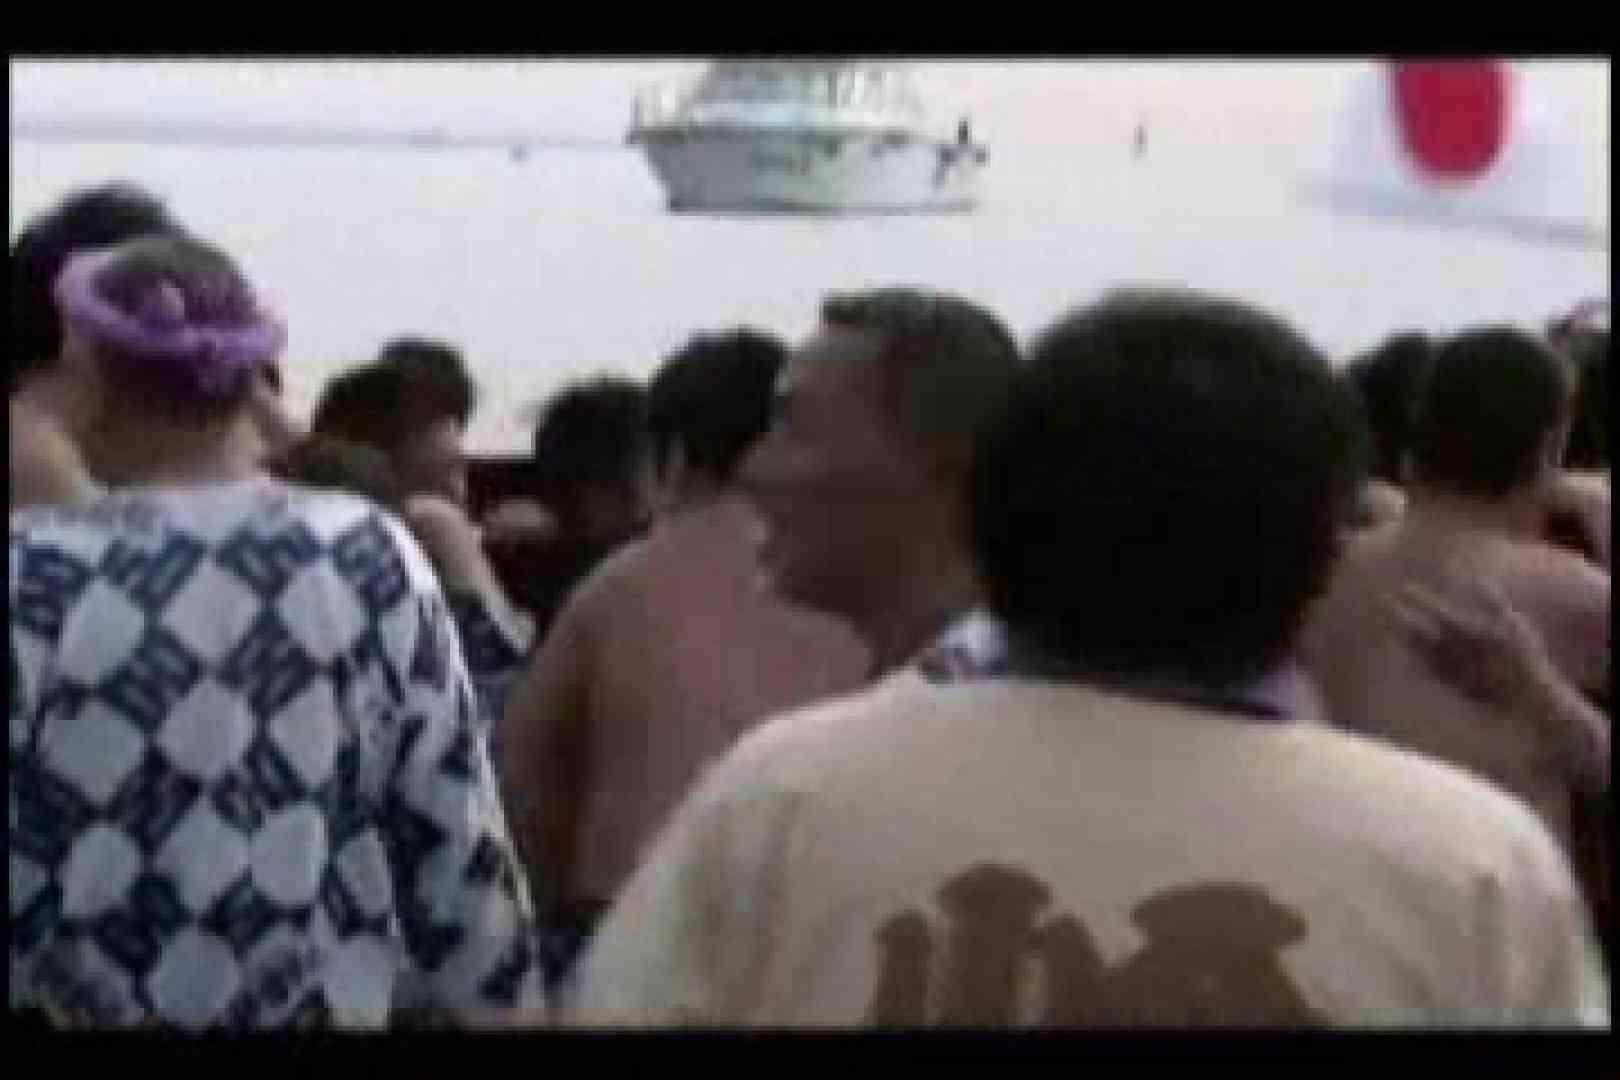 陰間茶屋 男児祭り VOL.2 野外露出動画 | 複数セフレプレイ ゲイ素人エロ画像 88pic 36